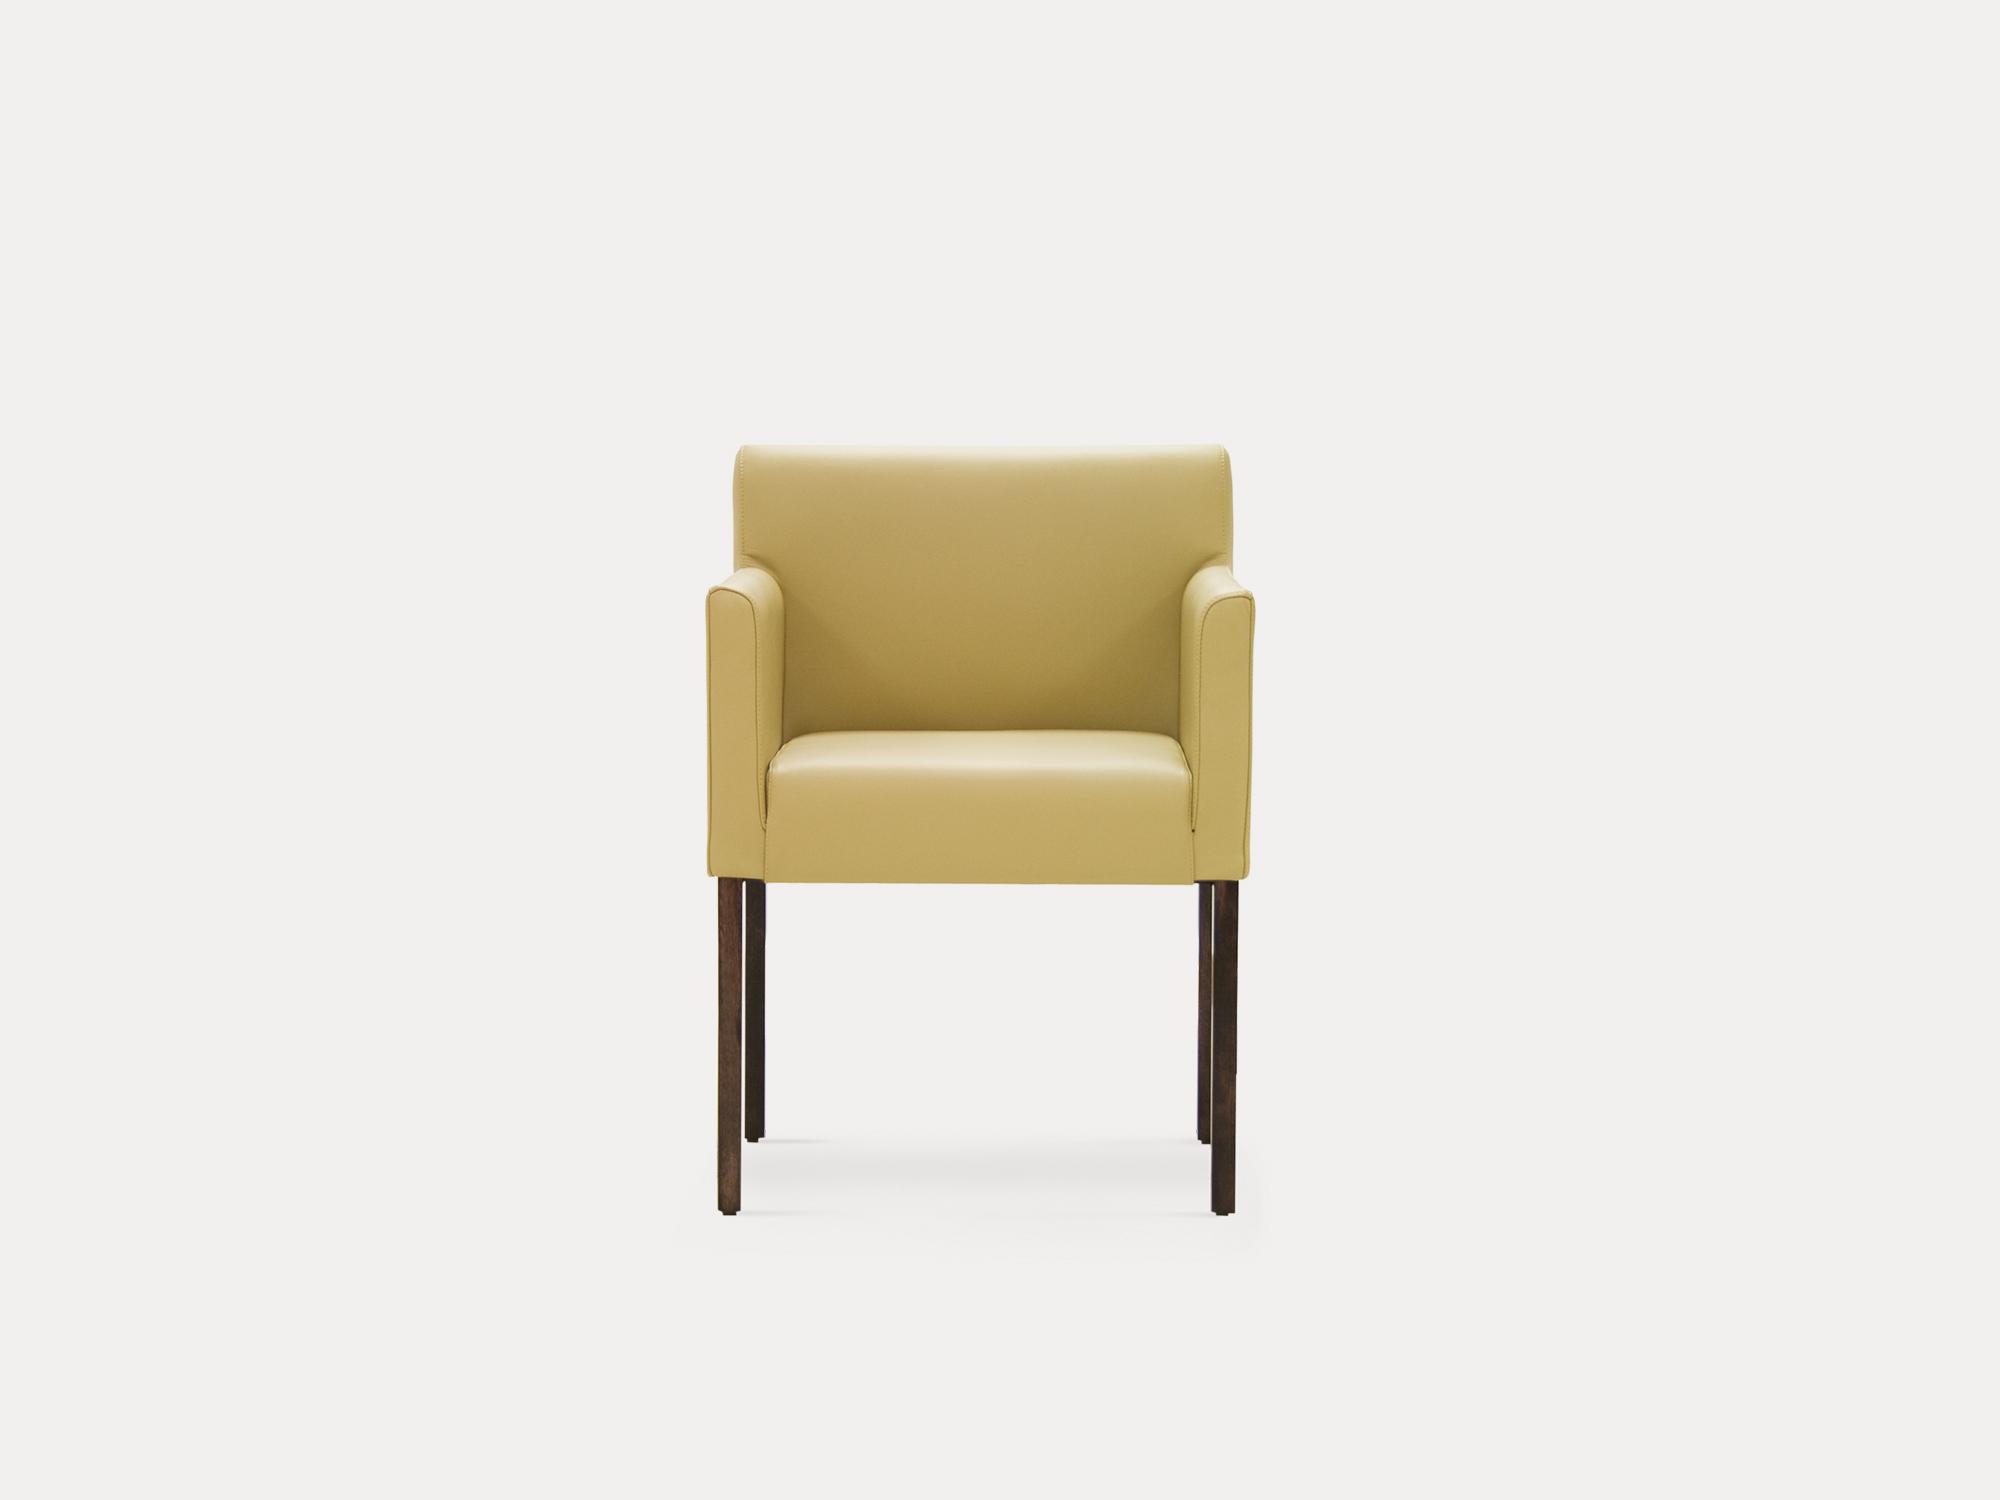 Lina_Meeting-room-chair